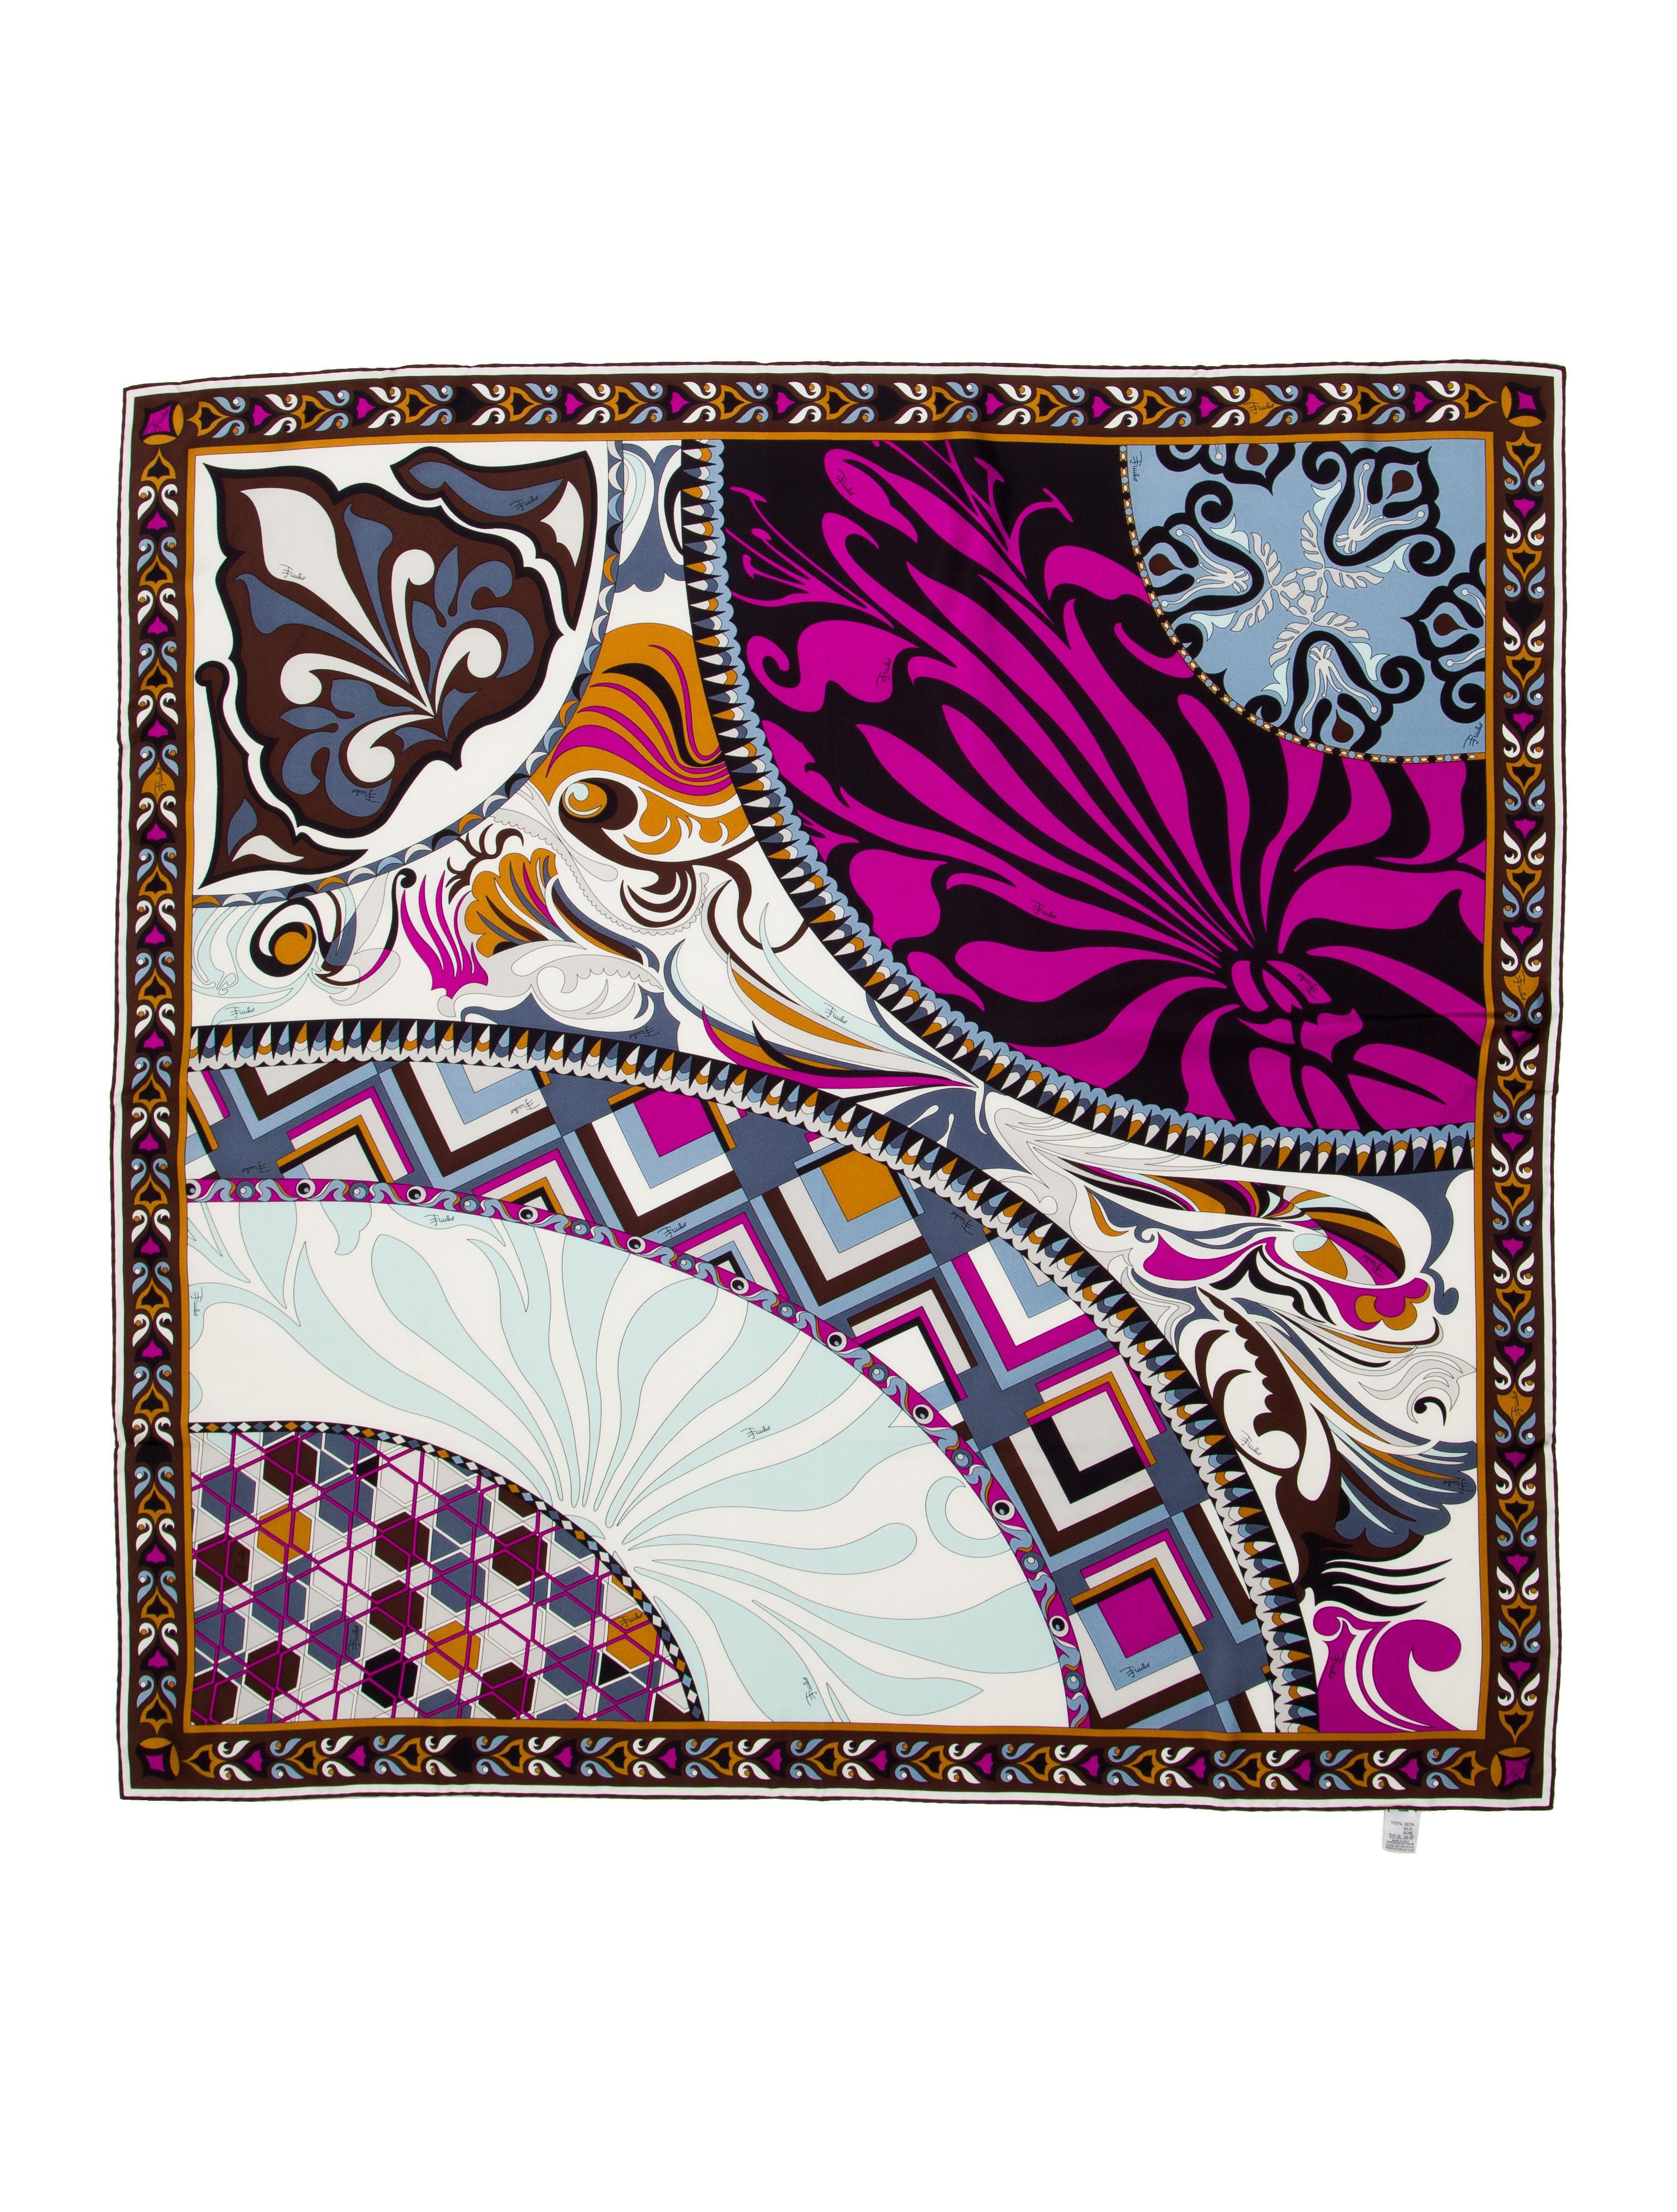 Emilio bordes de en con partes enrollados de seda multicolor Pucci y Pañuelo estampado todas BZnCgwqBx